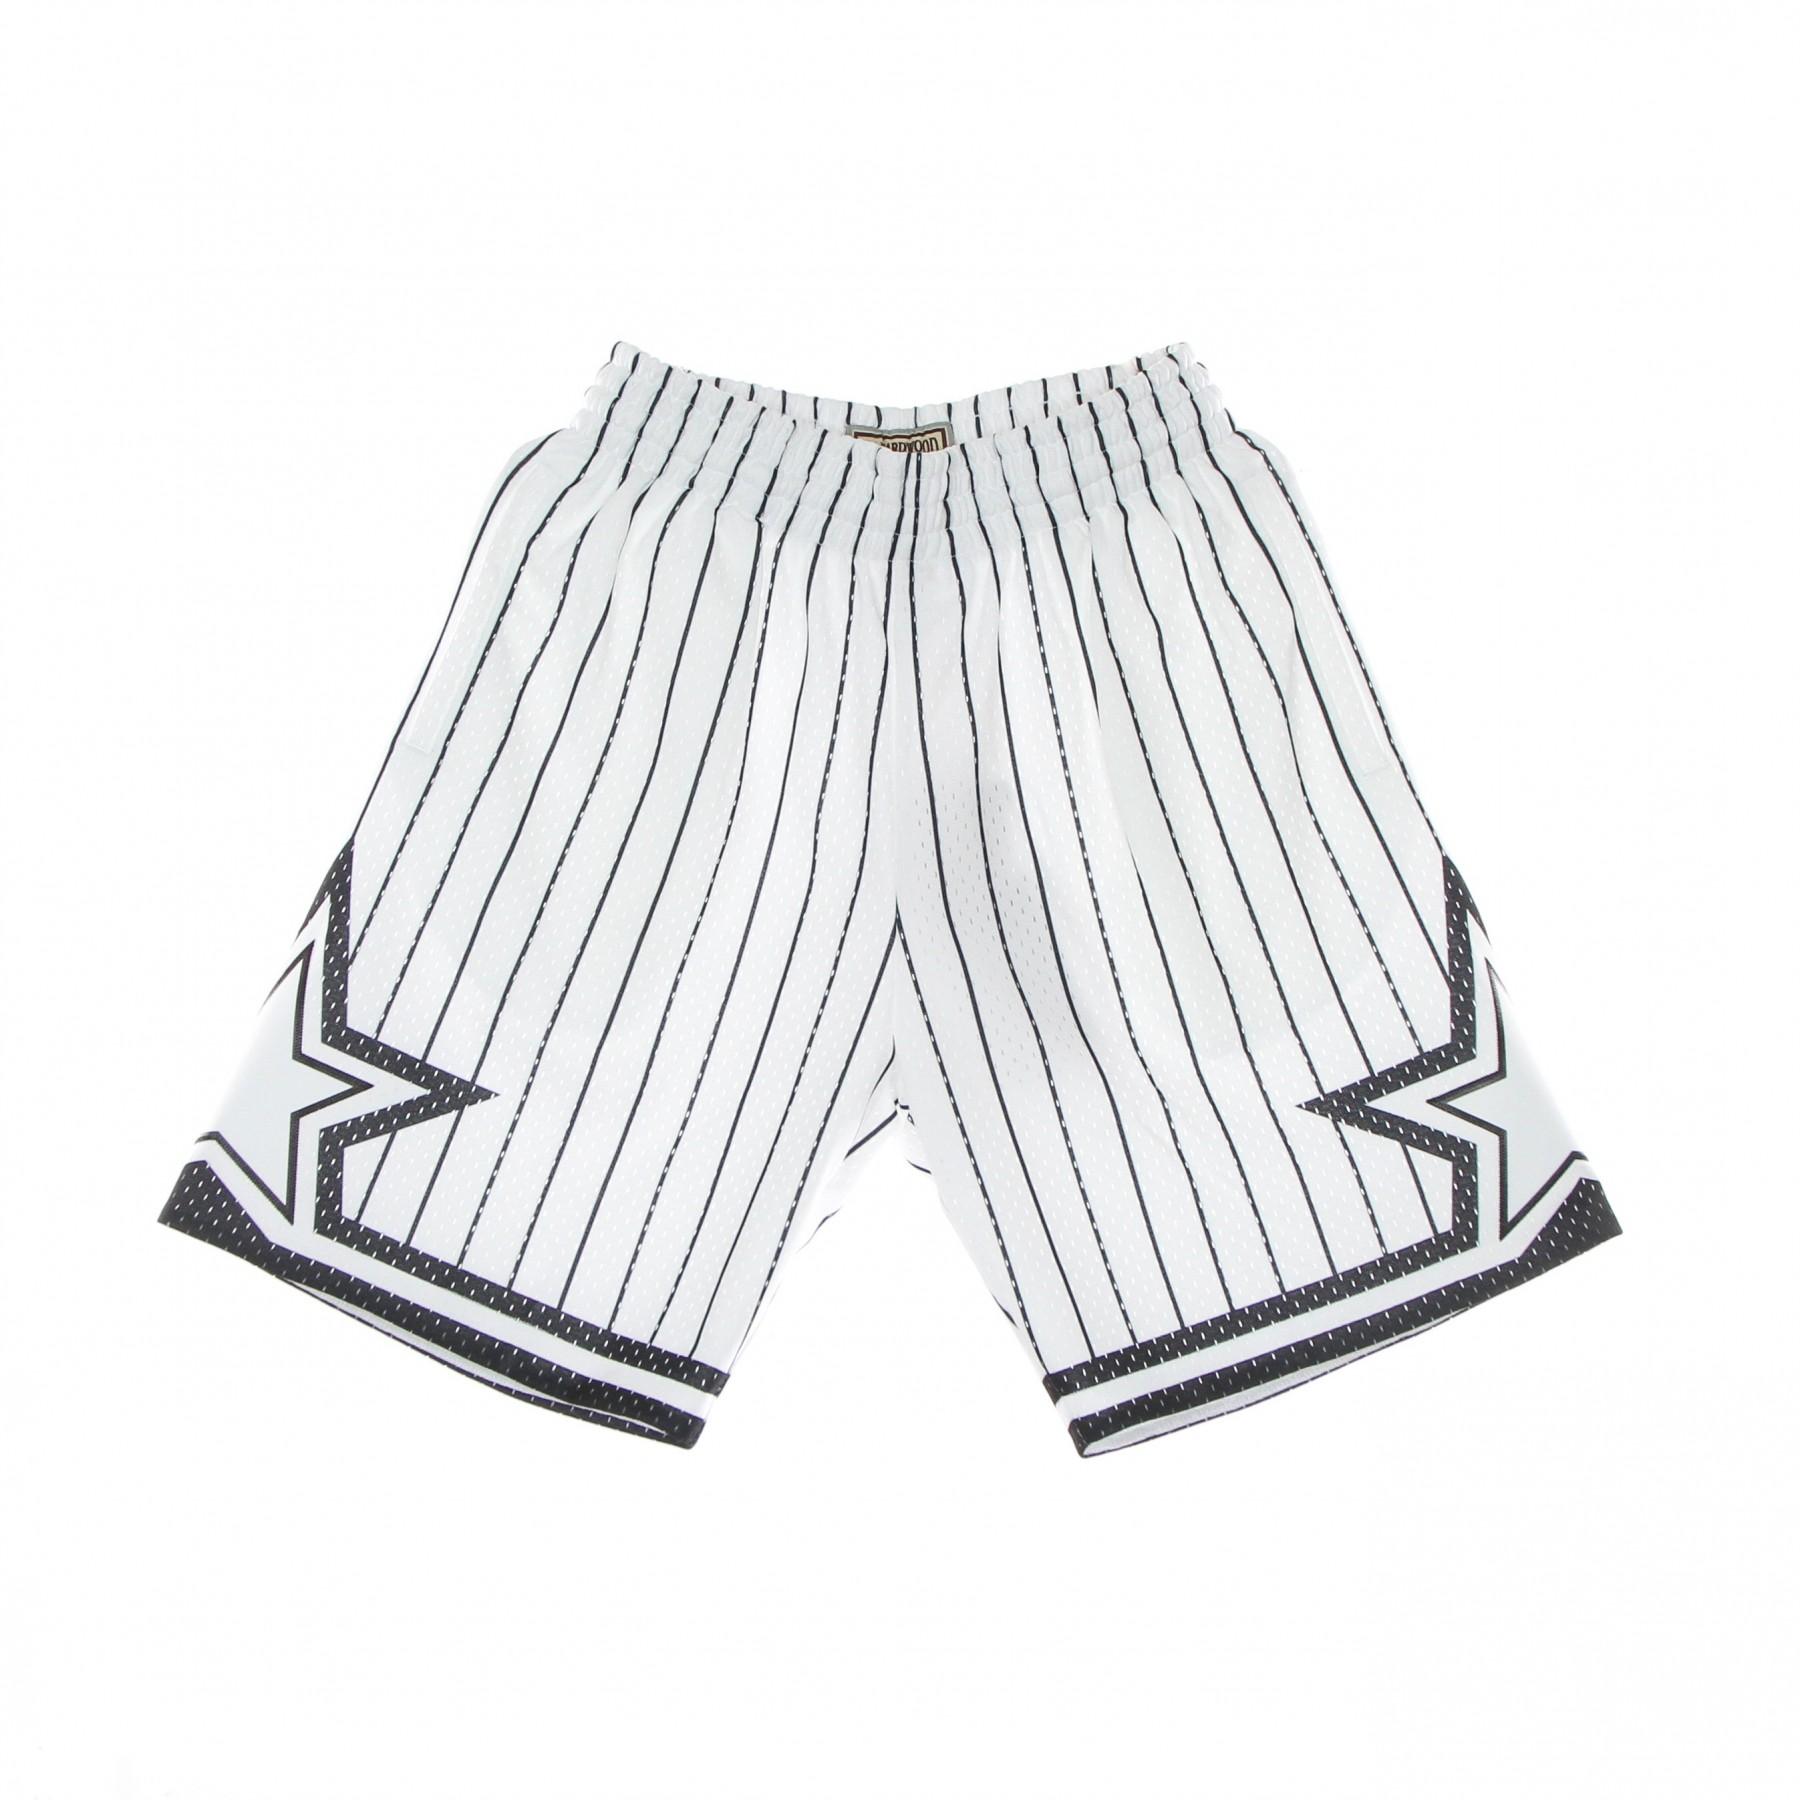 pantaloncino basket uomo nba white black swingman shorts hardwood classics orlmag XL